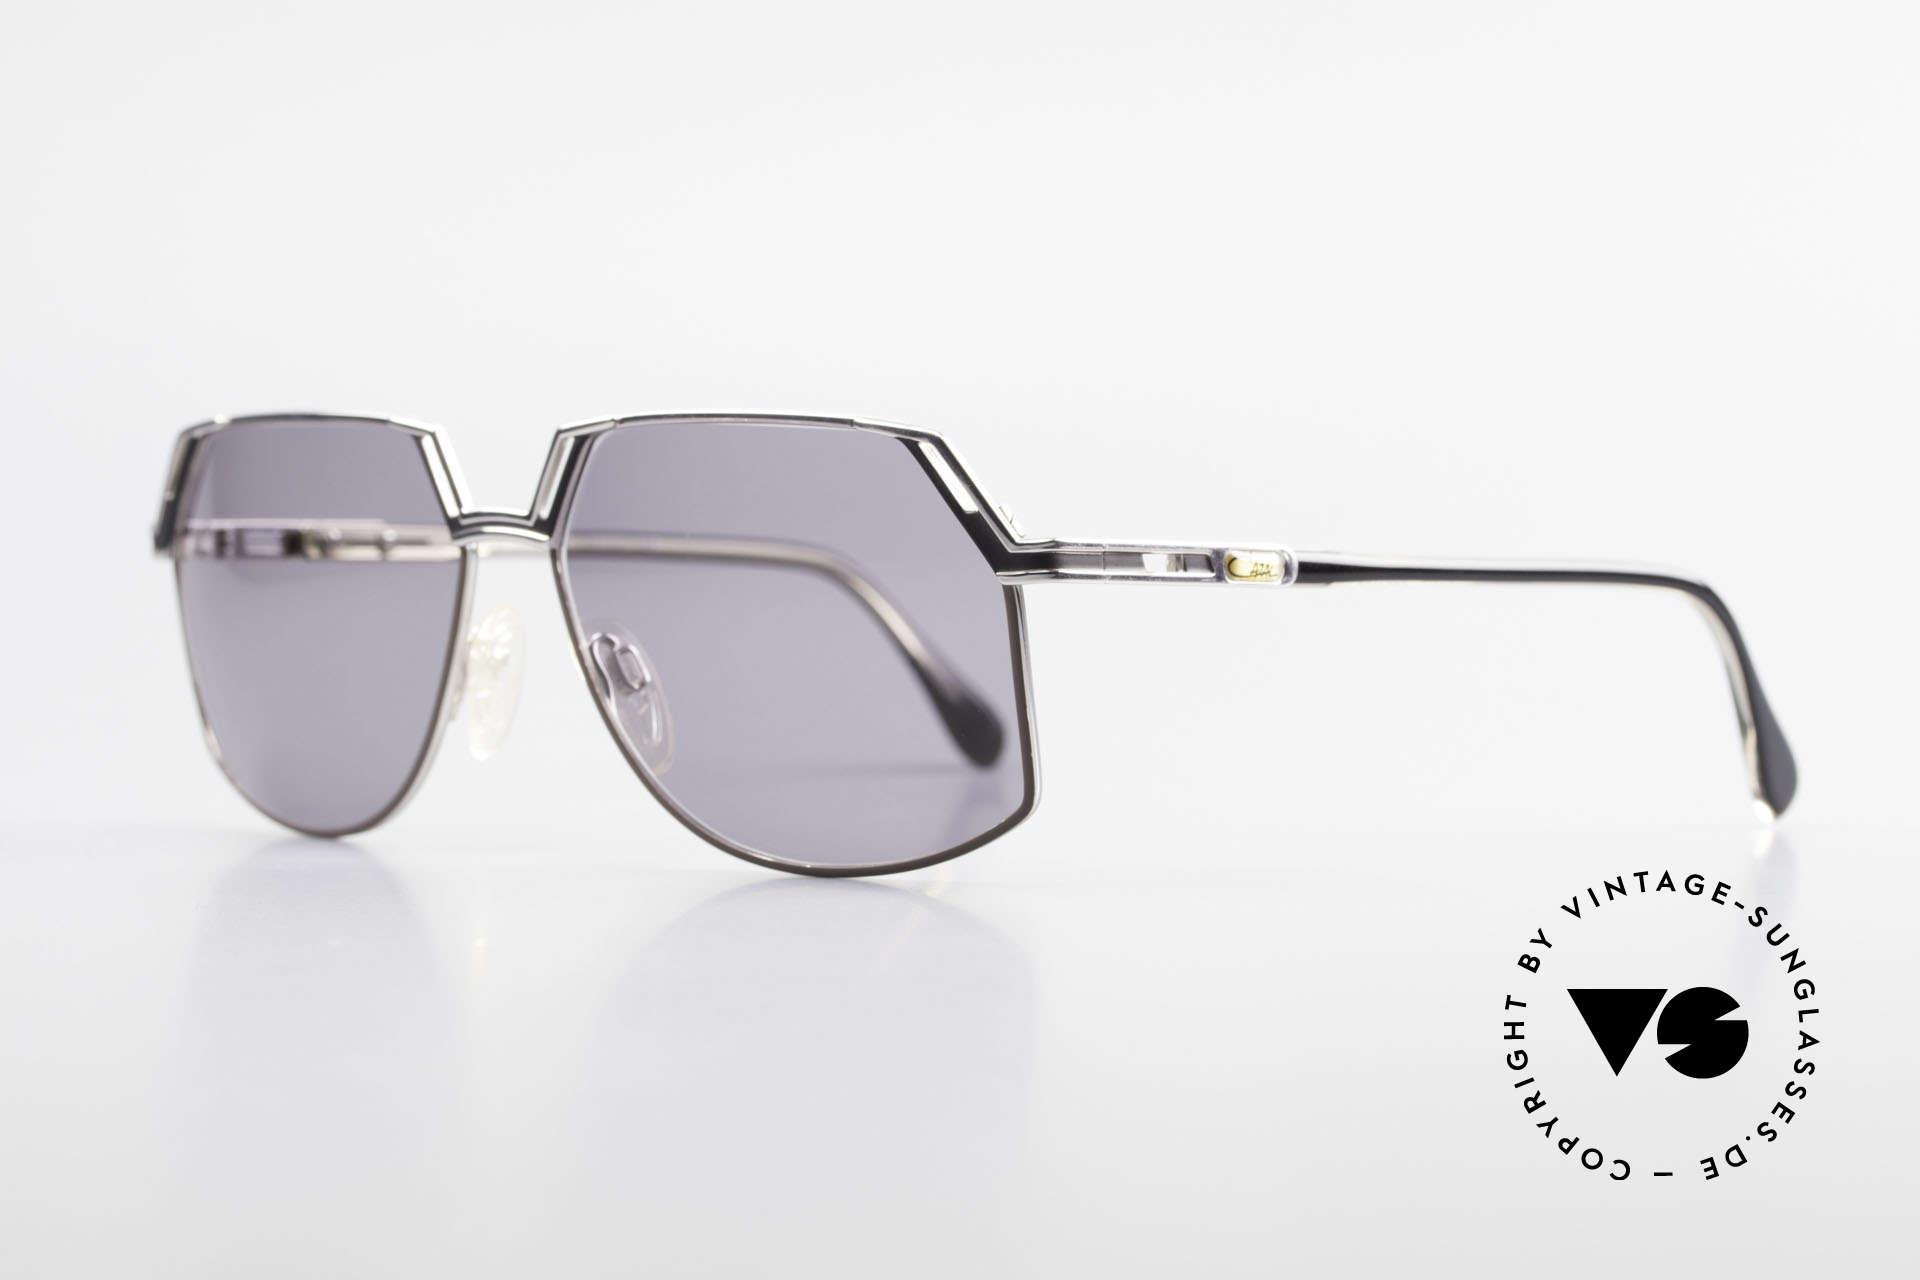 Cazal 738 True Vintage Sonnenbrille, außergewöhnliche Glasform (wirklich mal was anderes), Passend für Herren